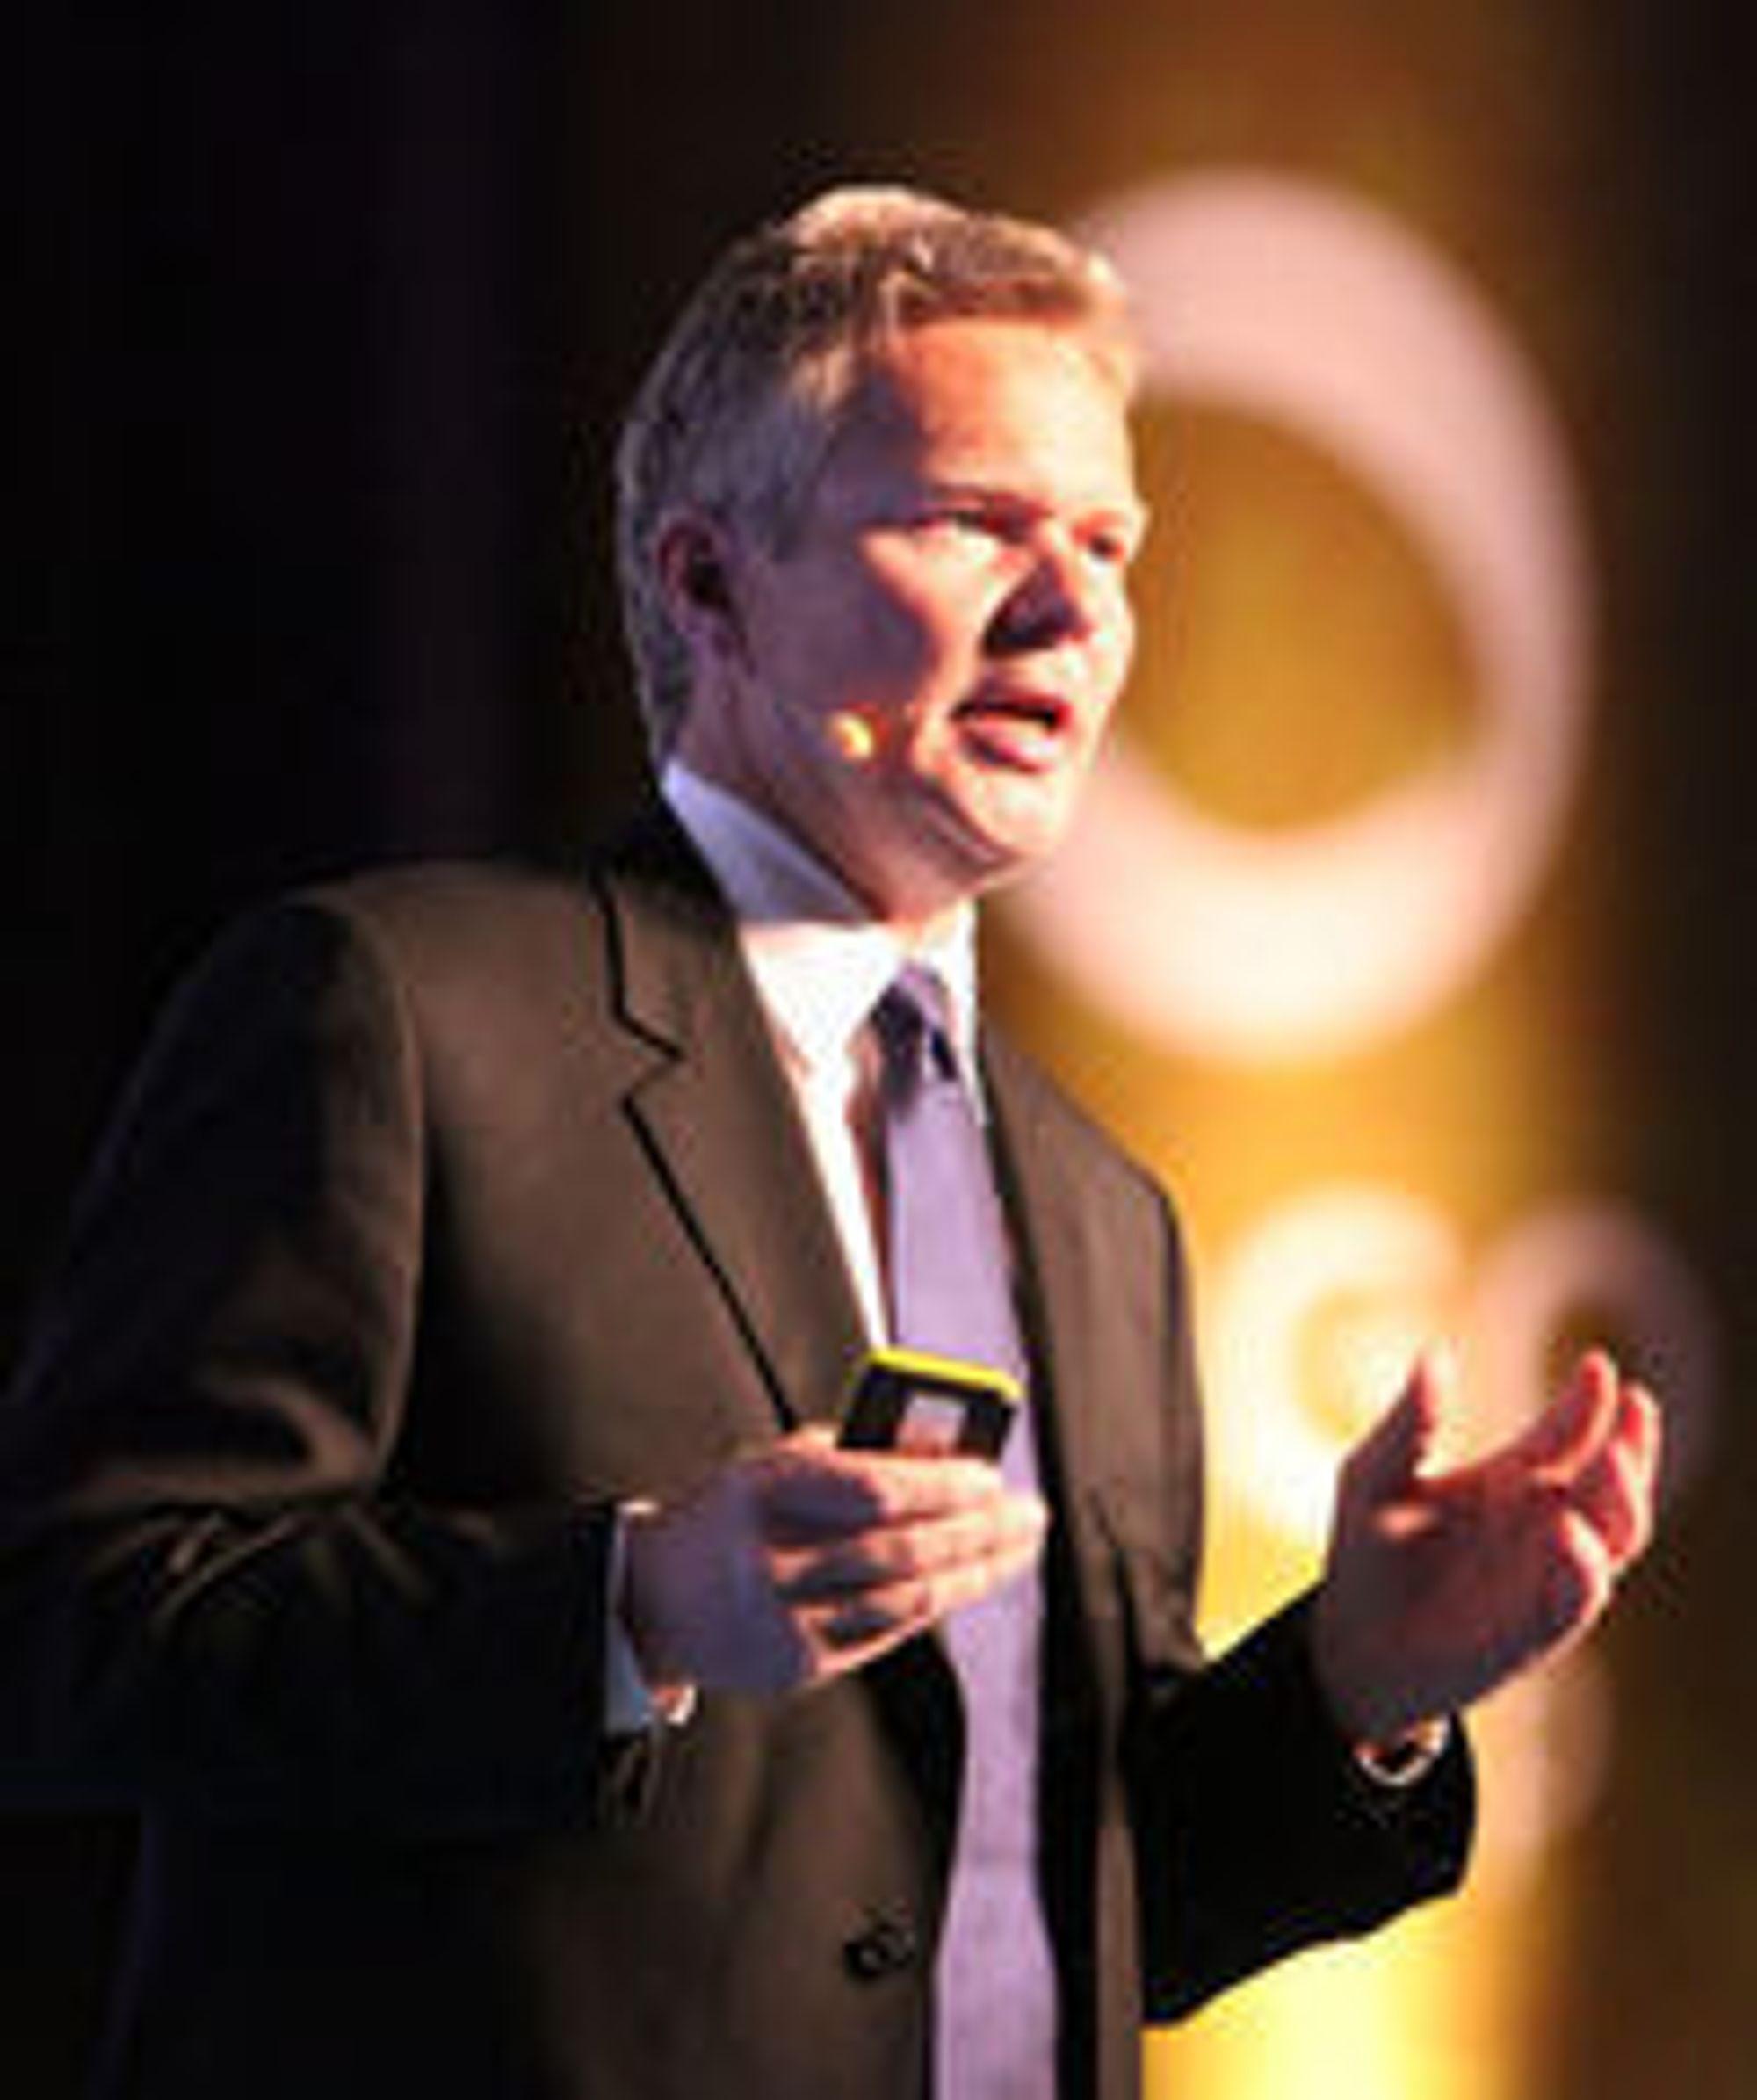 Påtroppende konsernsjef Terje Mjøs får ansvaret for nærmere 10.000 arbeidsplasser.